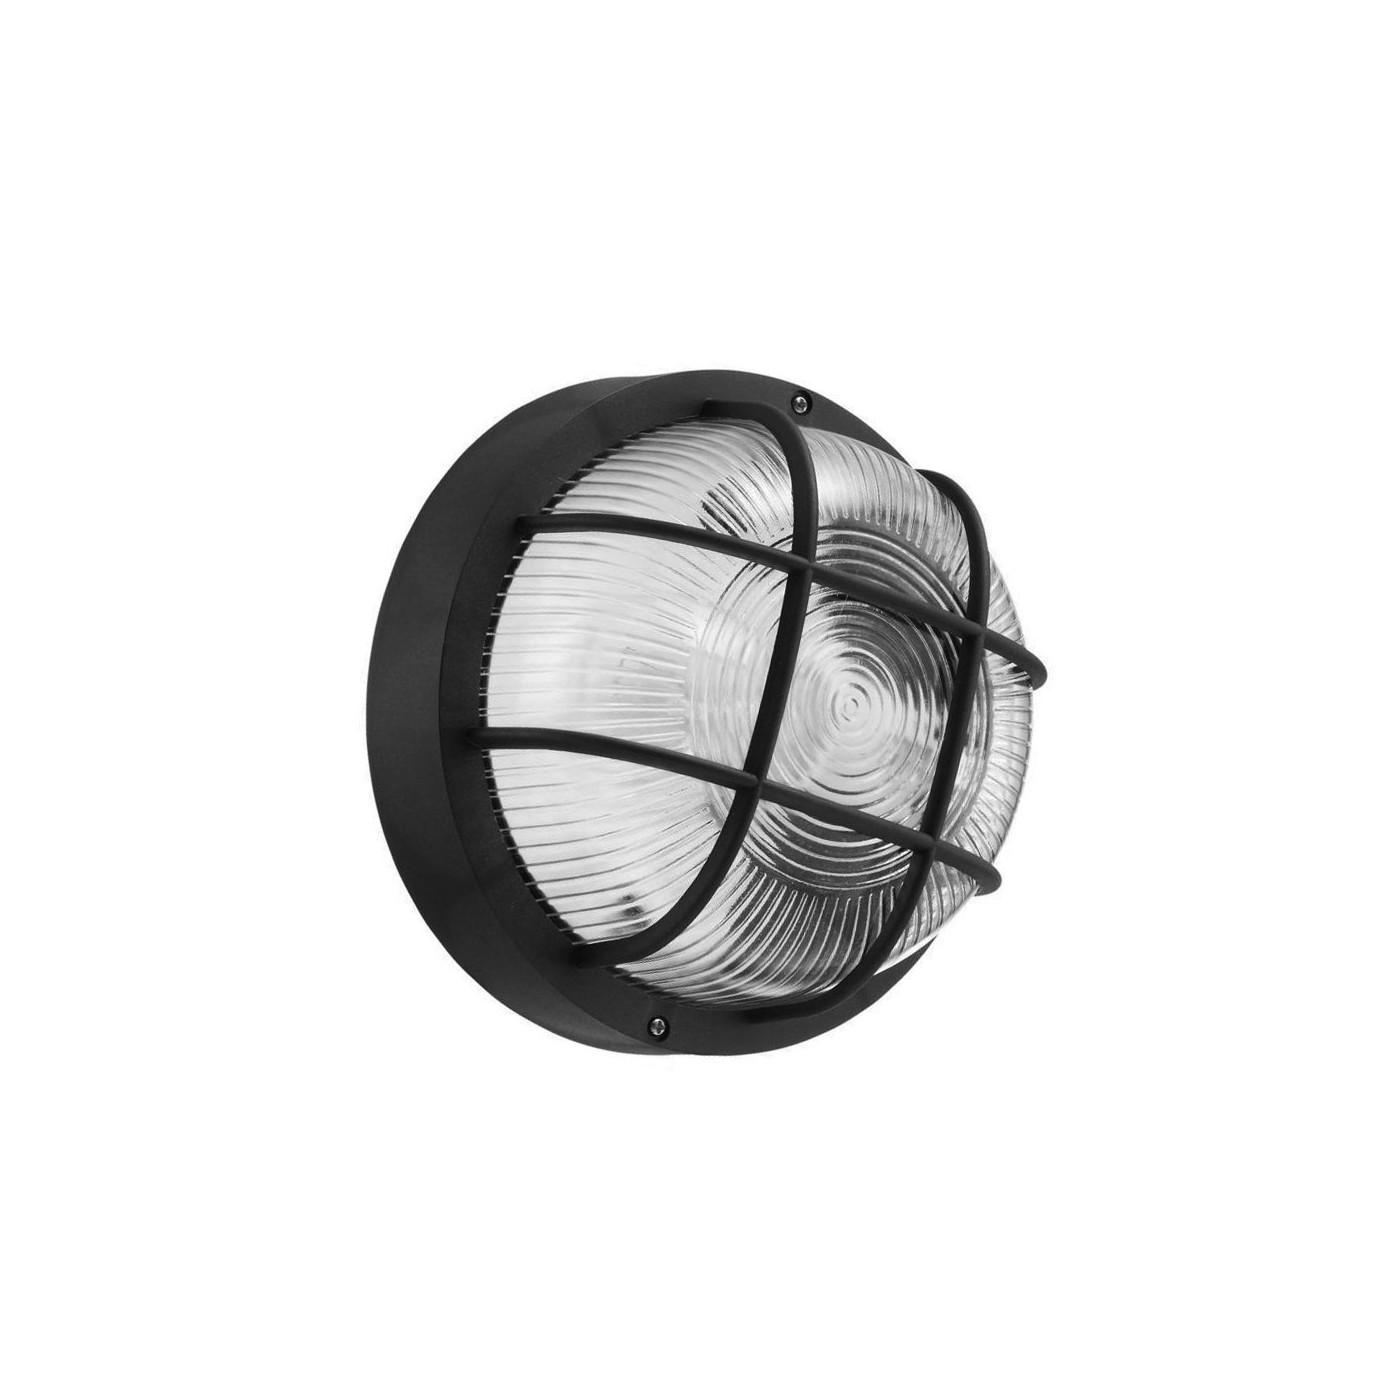 Lampe d'extérieur rond bullseye (bulleye), noir E27